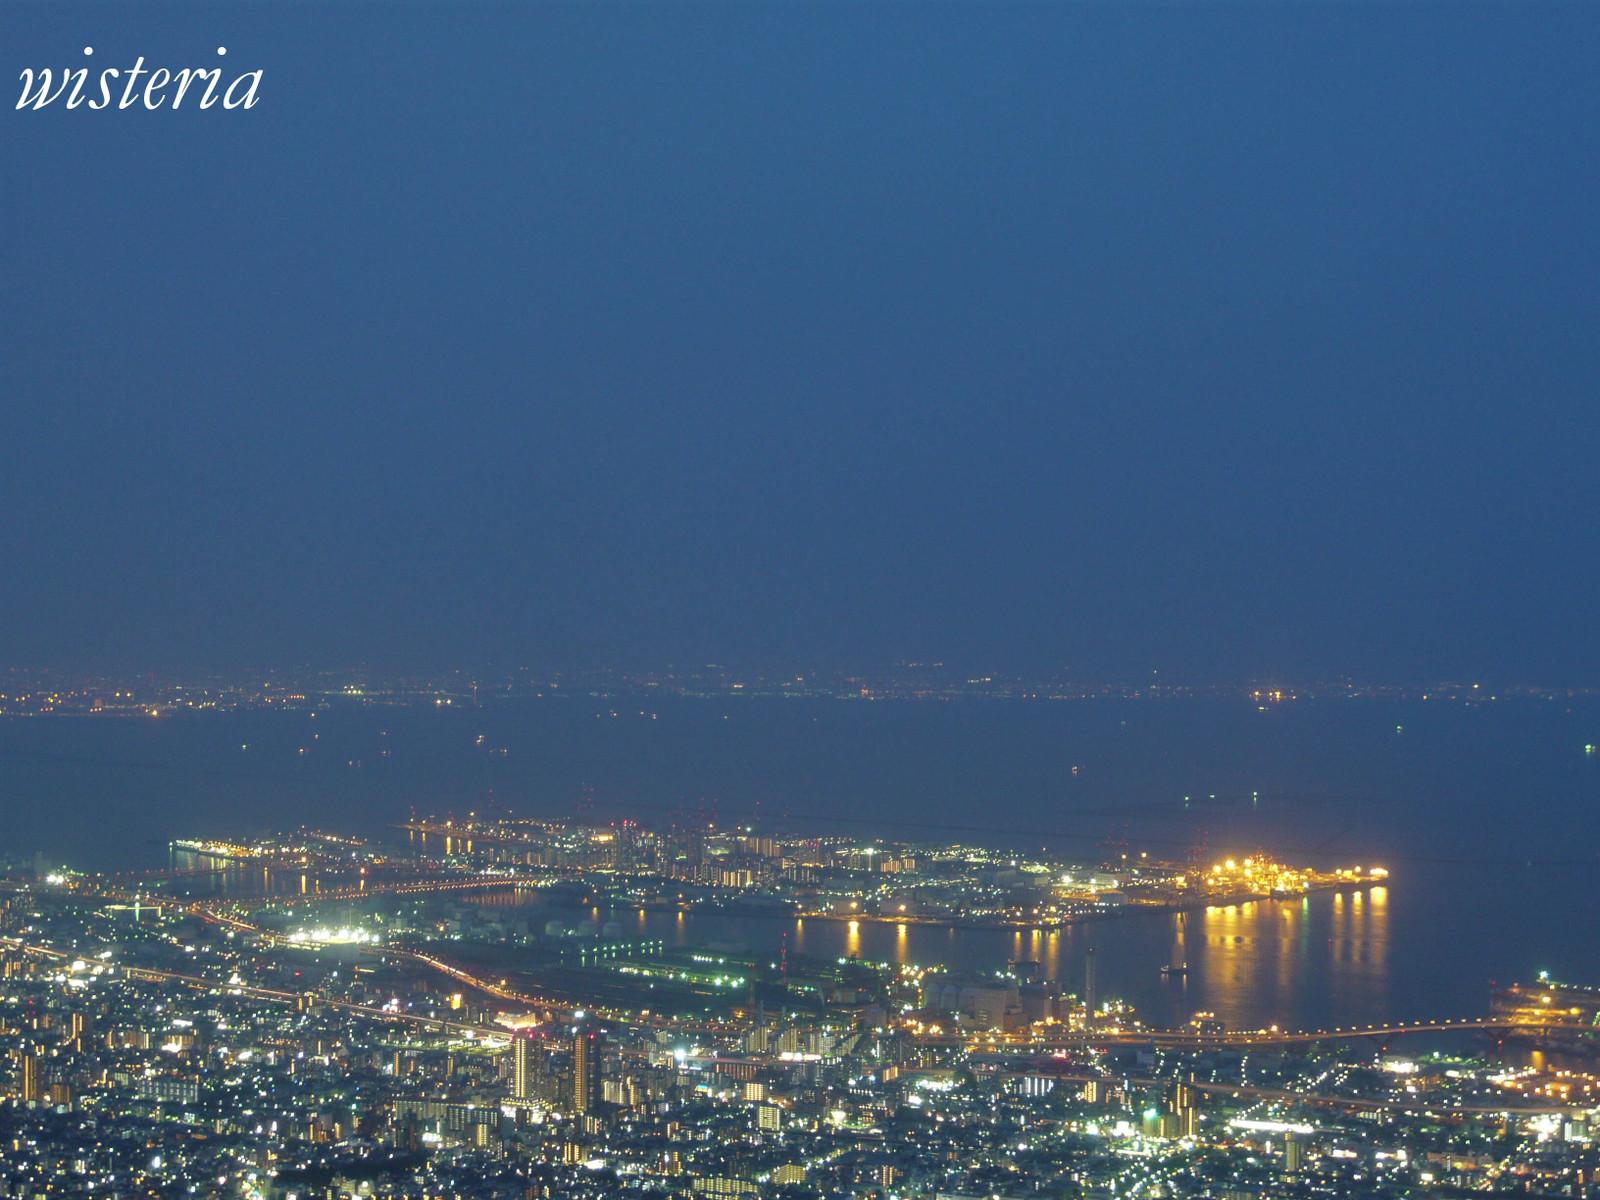 Night_view_of_kobe